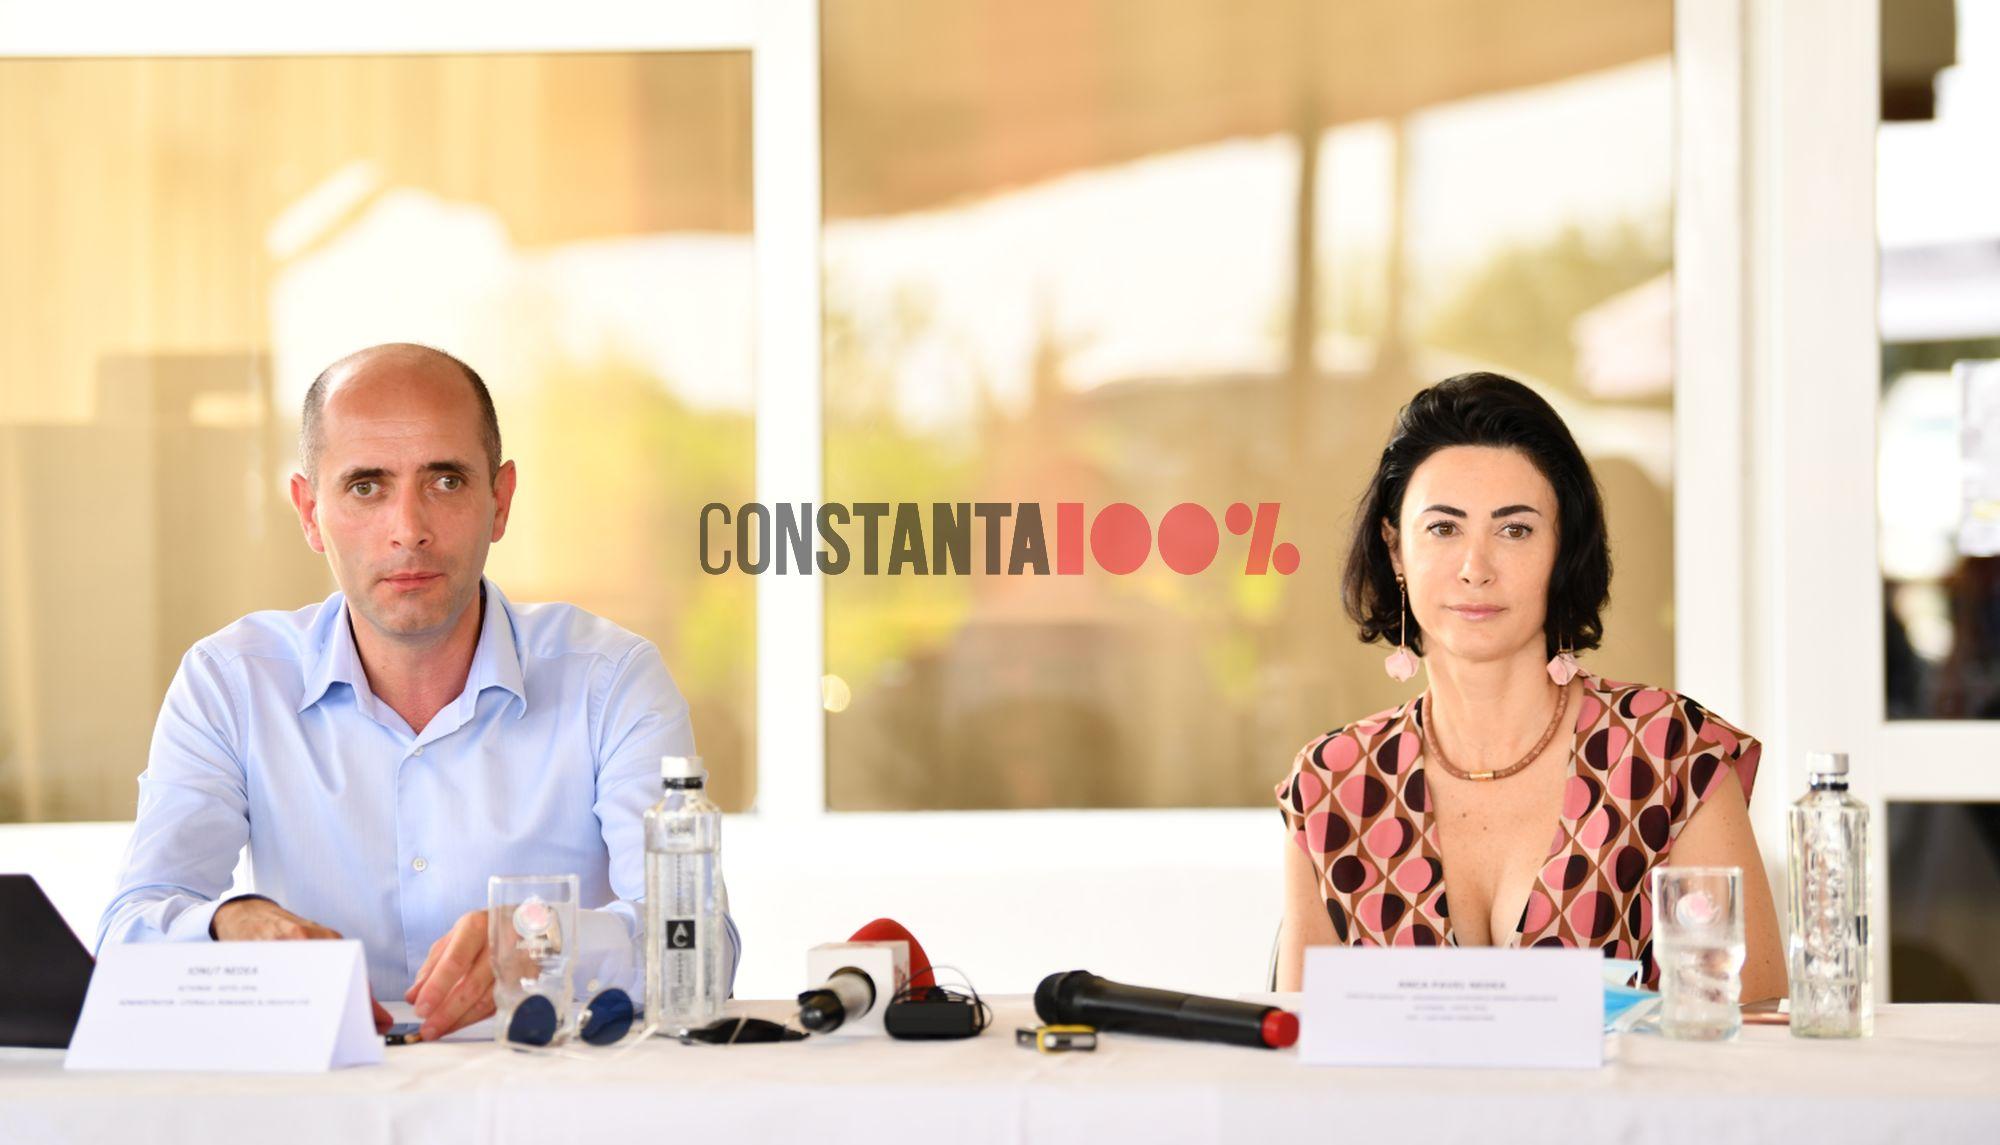 Ionuț Nedea, CEO LitoralulRomanesc.ro, si Anca Nedea, Anca Nedea Pavel, director executiv Organizația Patronală Mamaia - Constanța, în timpul unei conferințe de presă (foto: Matca Vision Studio)